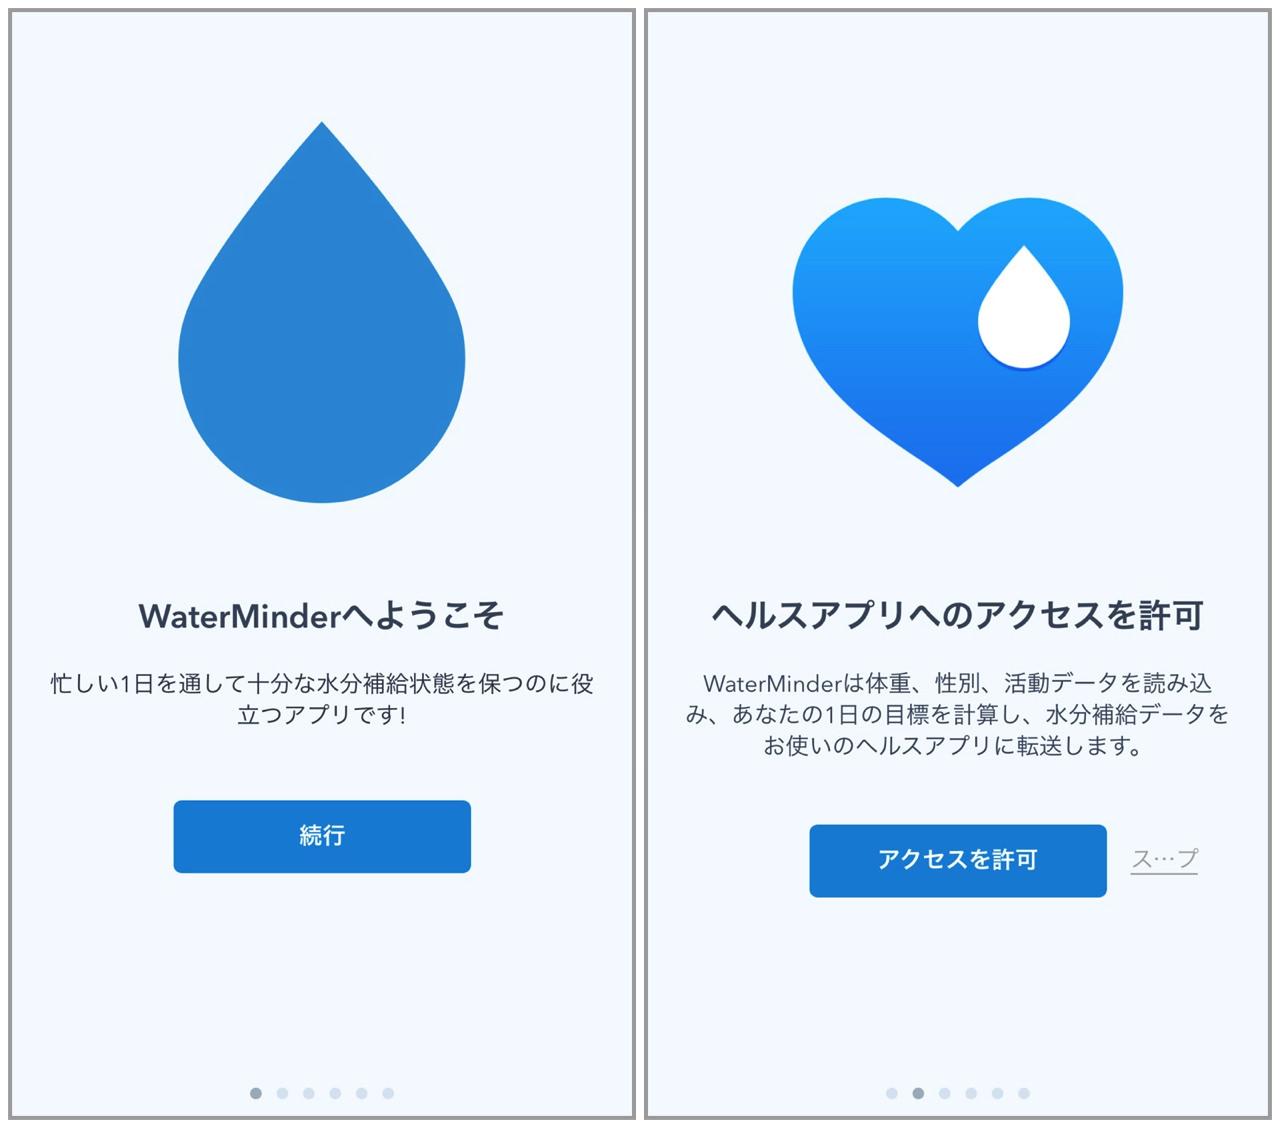 Waterminder5